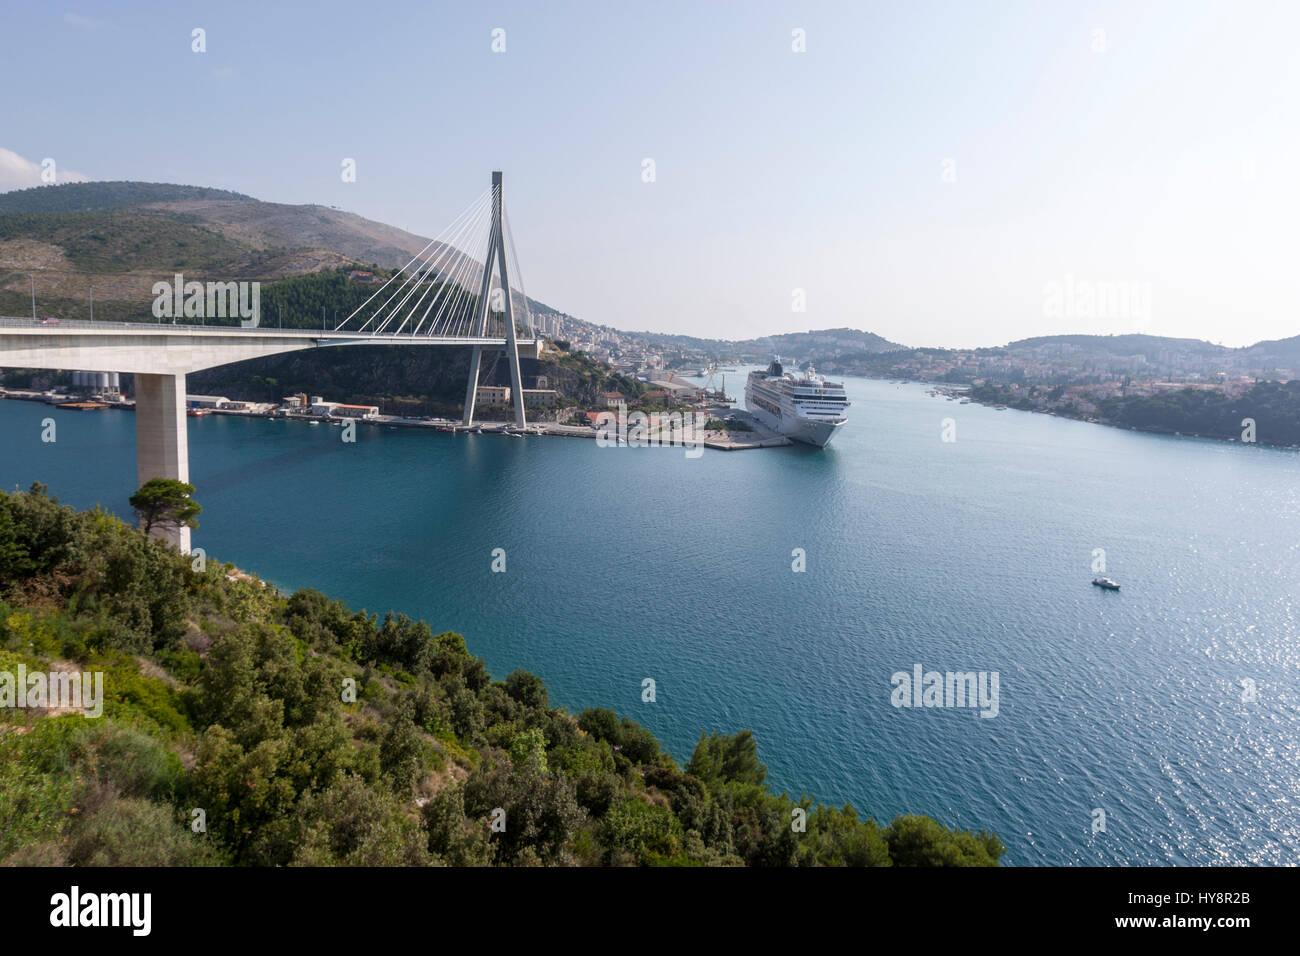 dubrovnik cruise port, Dubrovnik-Neretva, Croatia - Stock Image